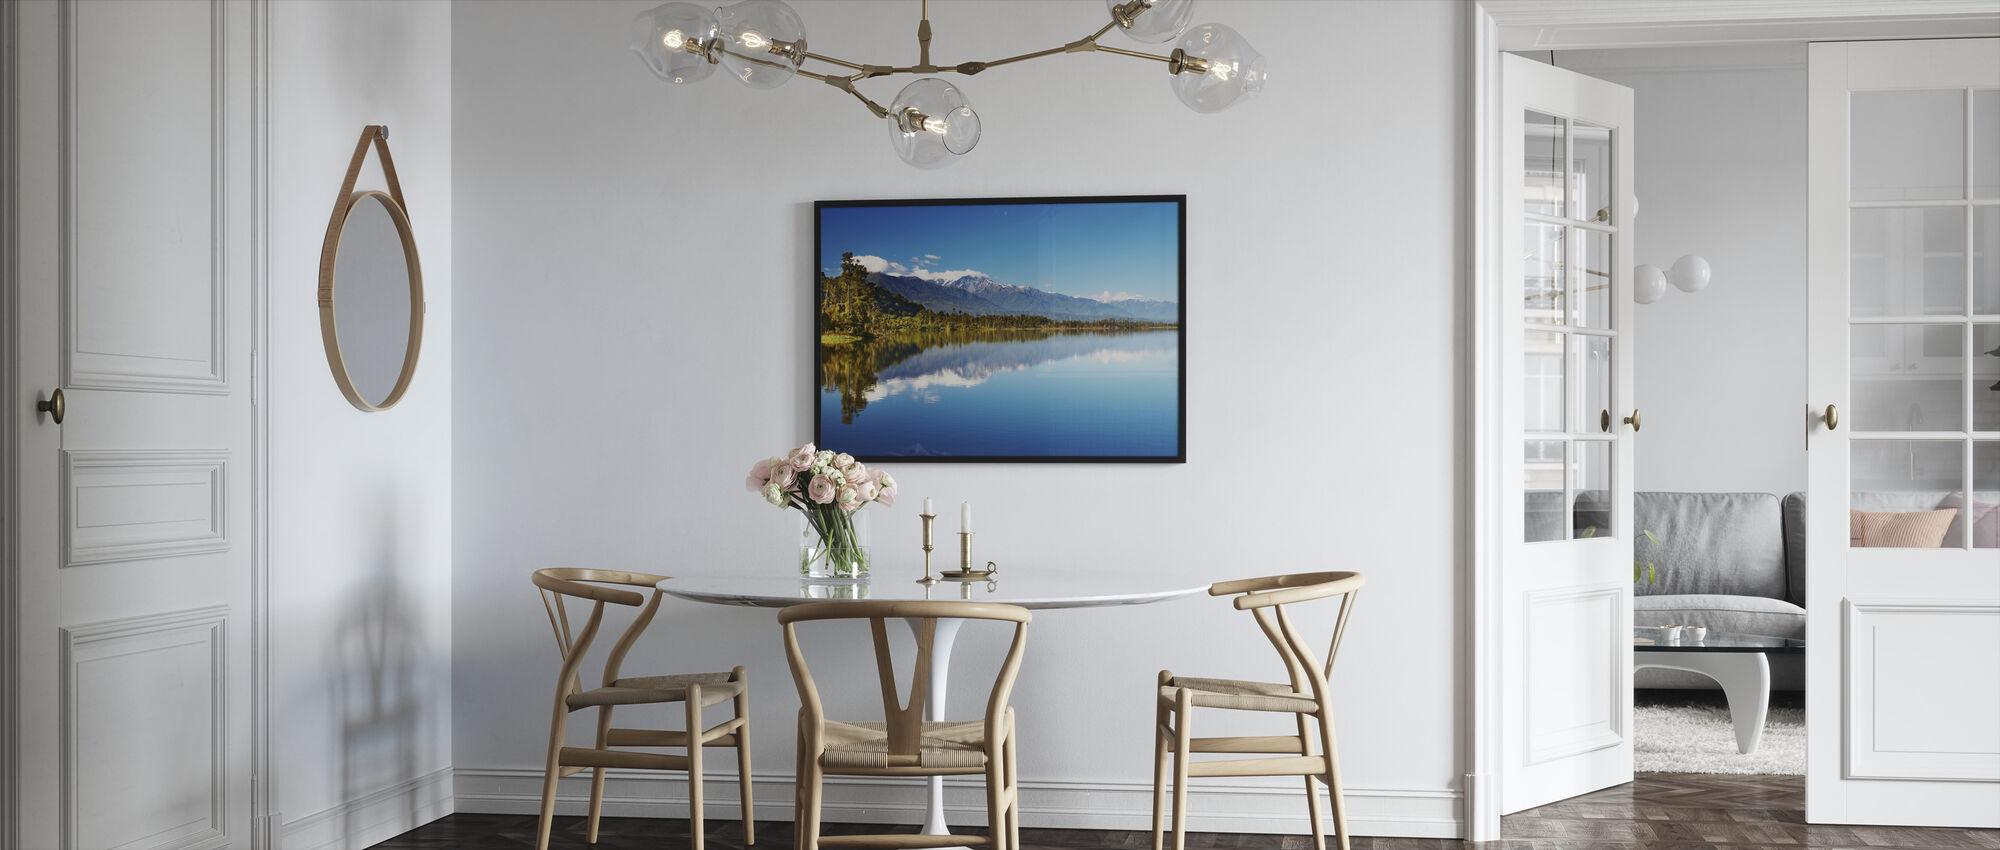 Kaunis järvi, Uusi-Seelanti - Kehystetty kuva - Keittiö